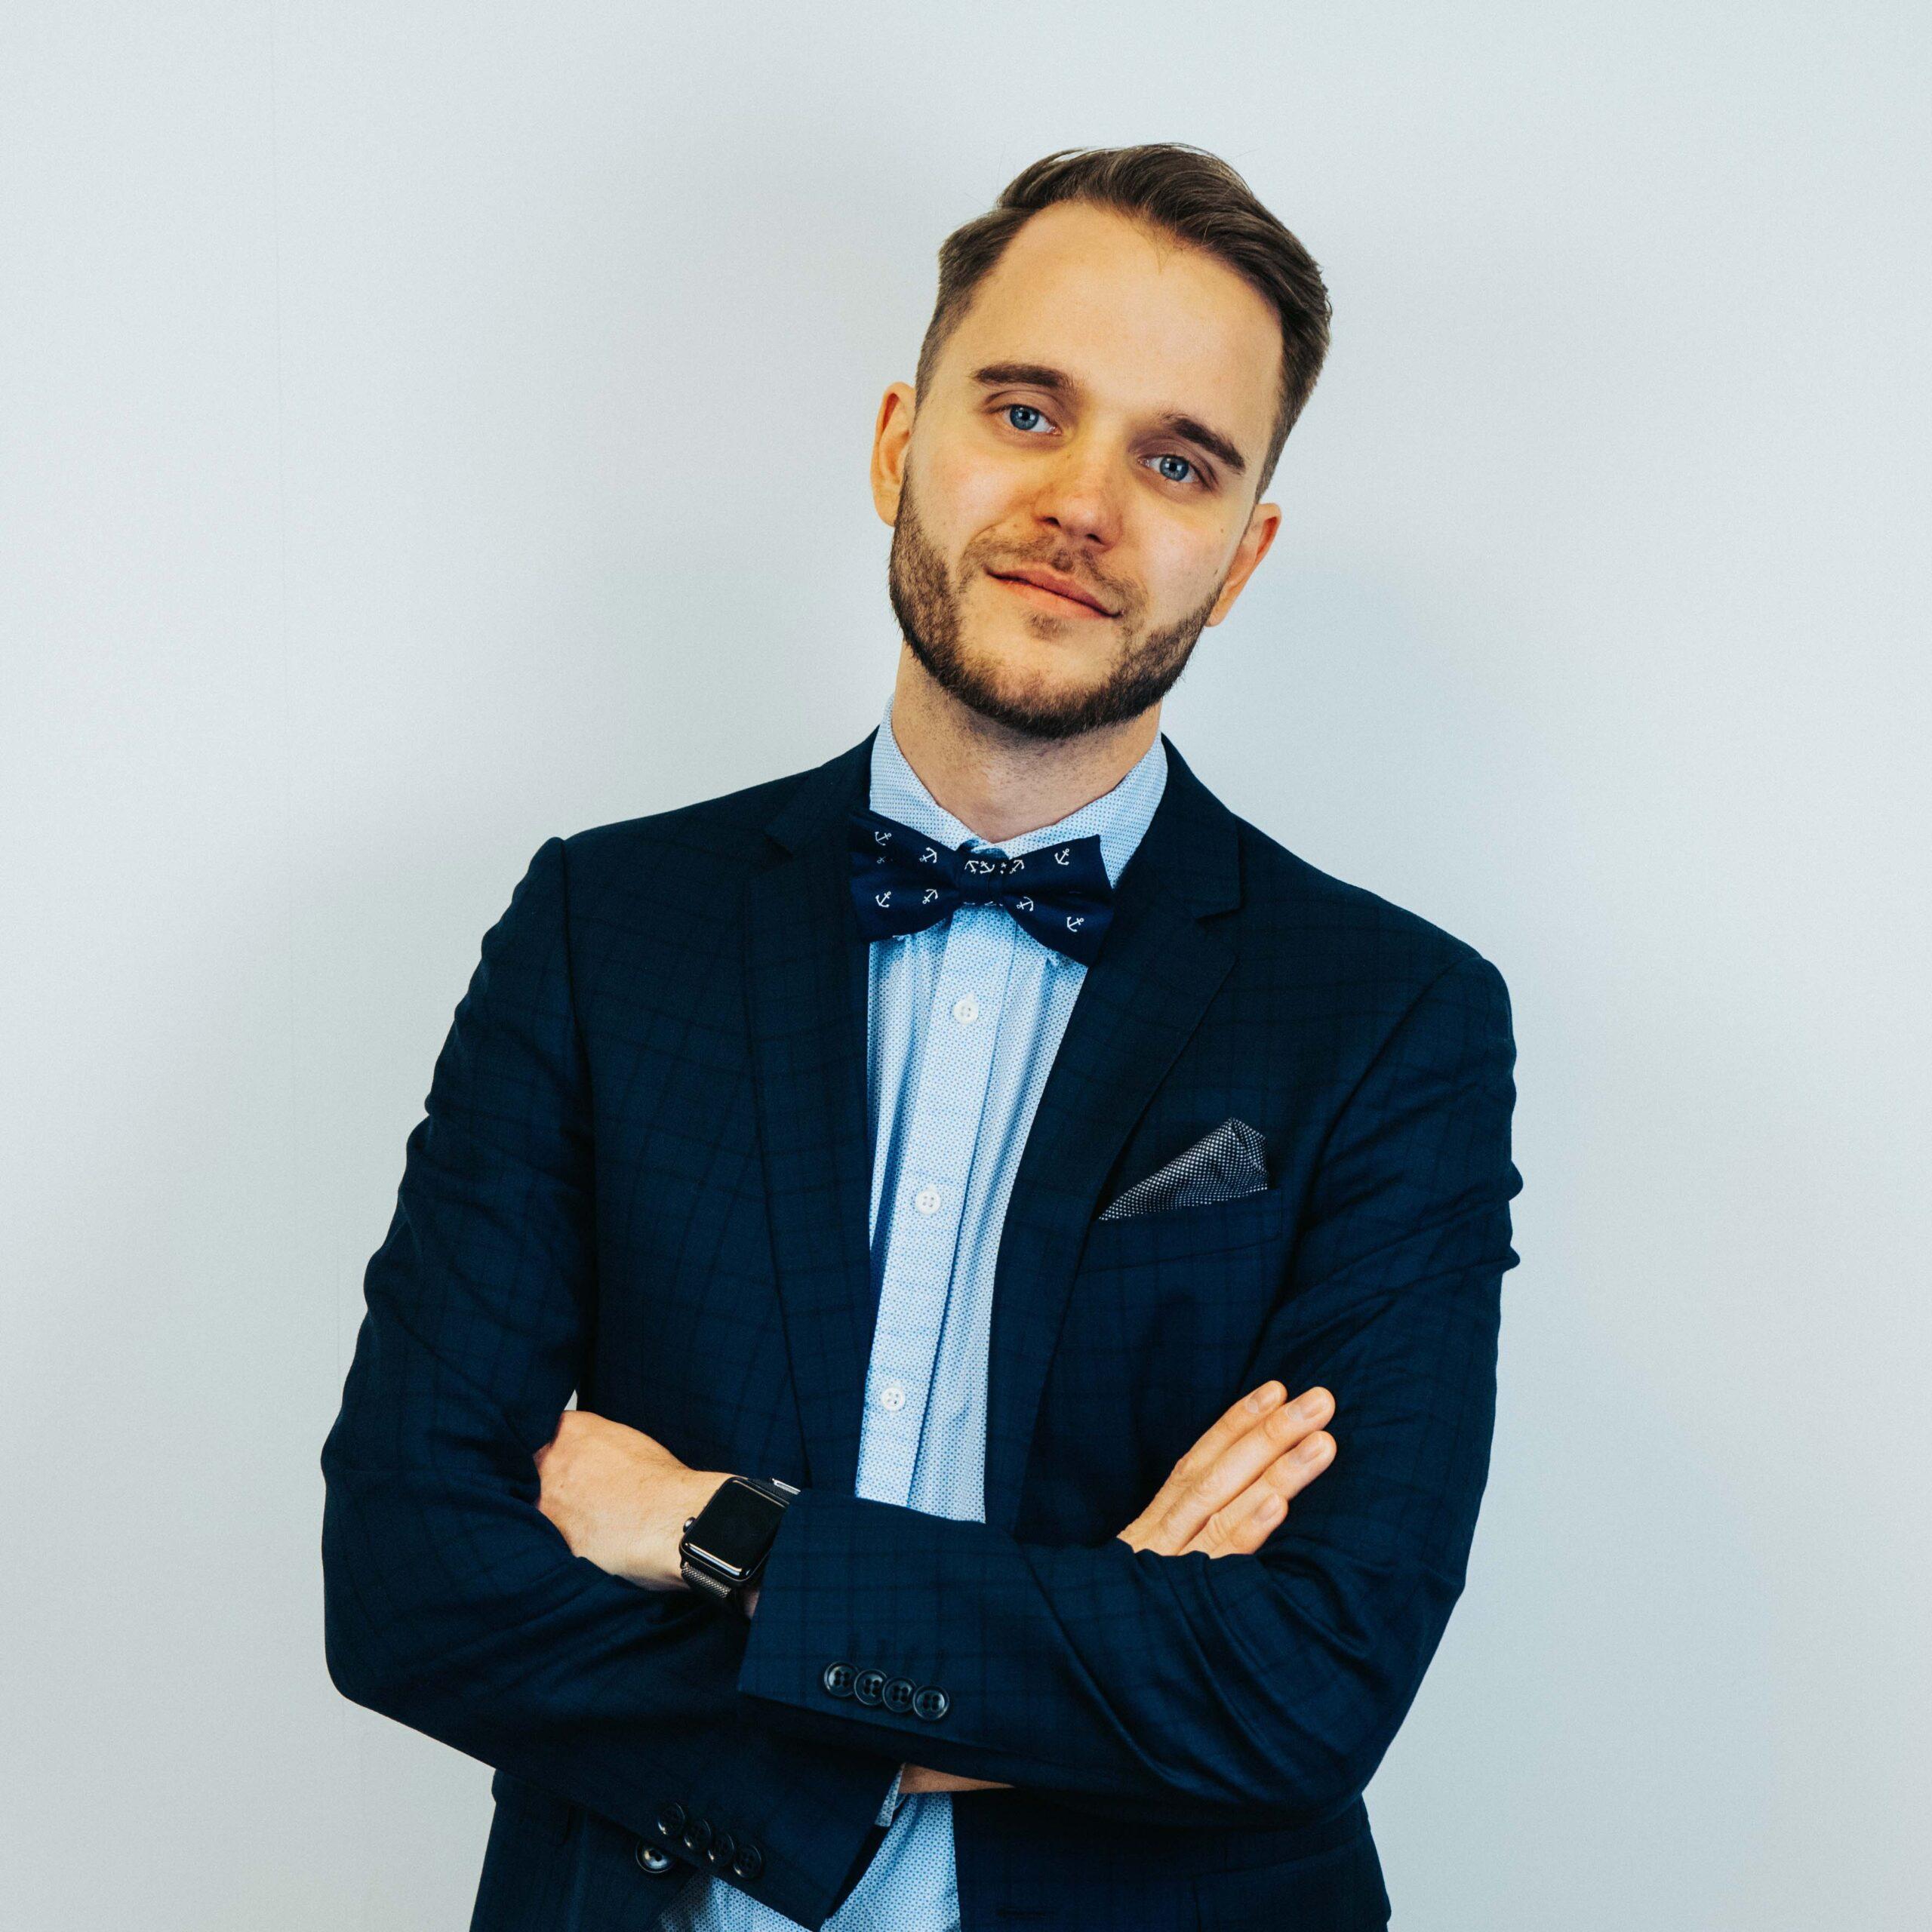 Bilde av Rasmus Tyrén CEO og founder